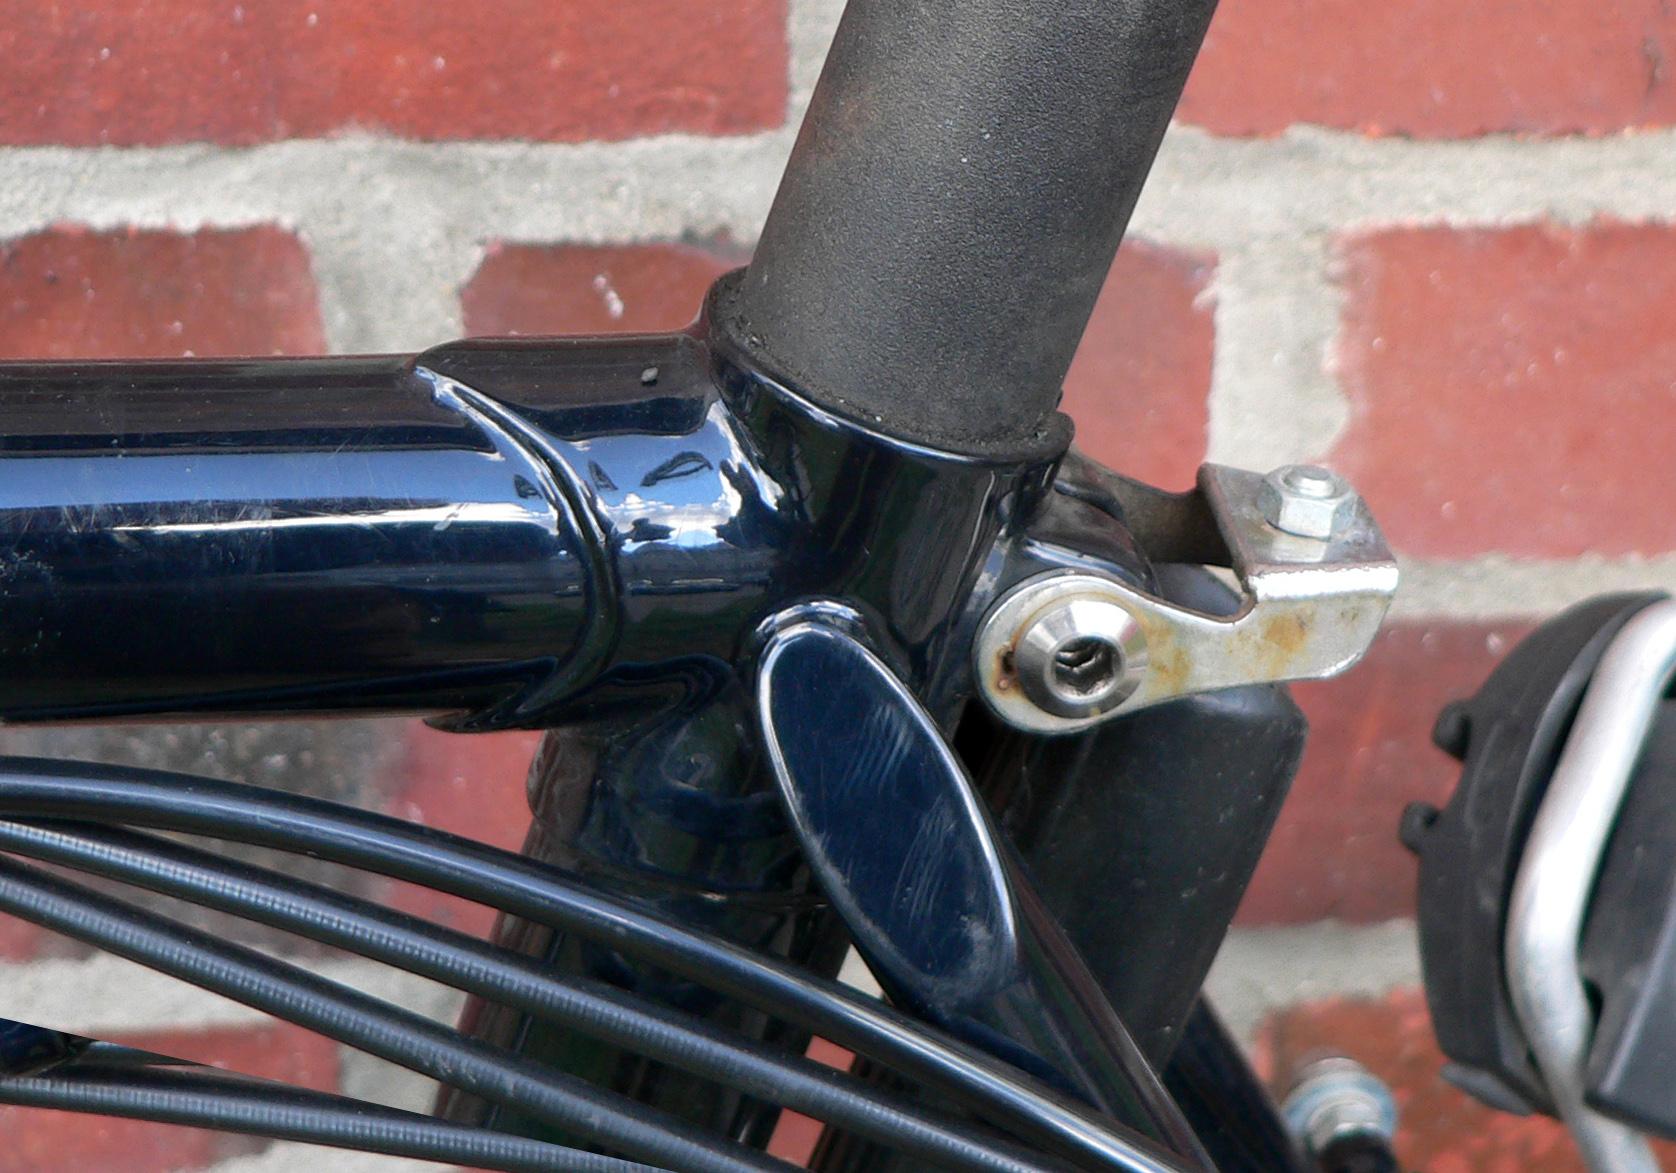 08-08-23-fahrrad-knackt-05-RalfR.jpg